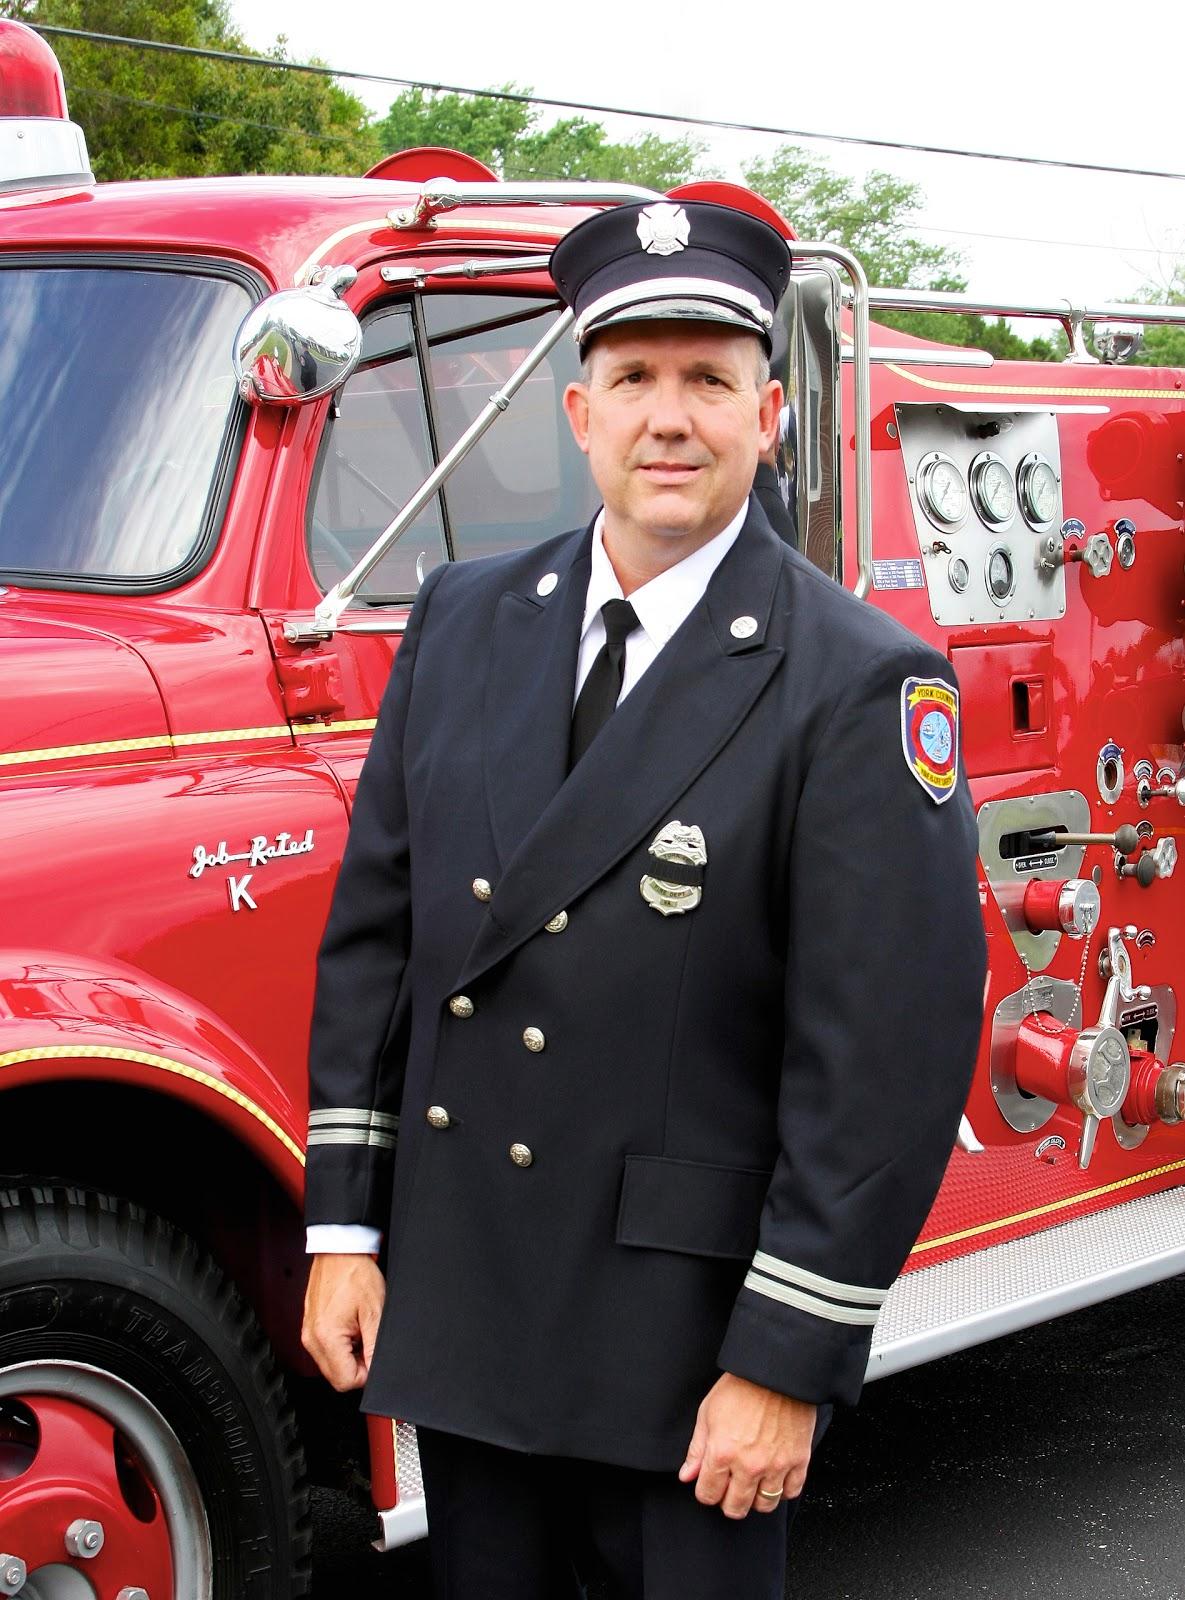 Firefighter Class A Dress Uniform